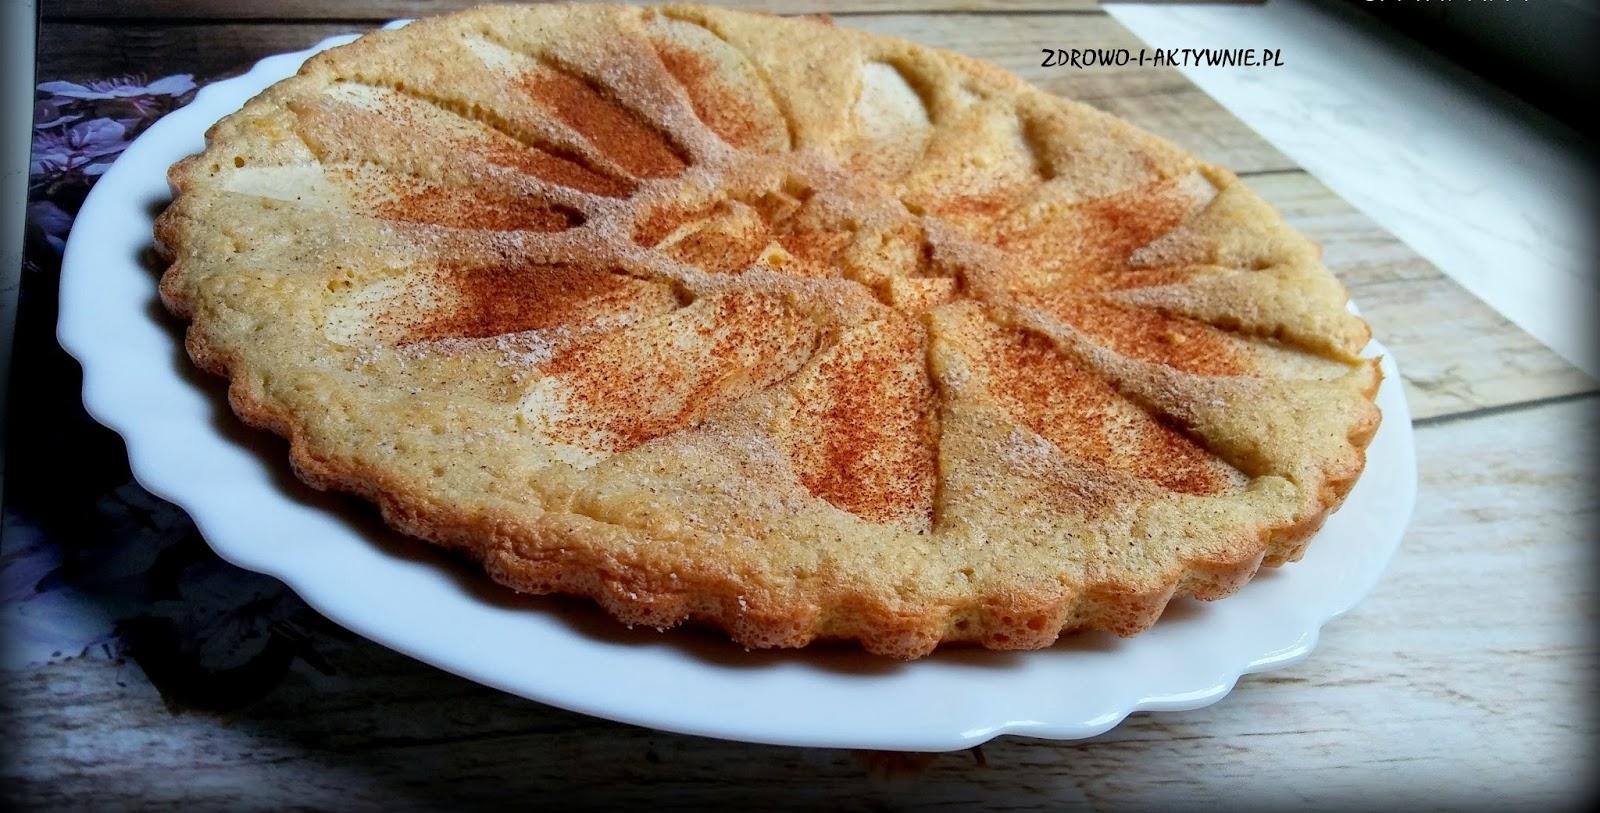 Pieczony omlet szarlotka